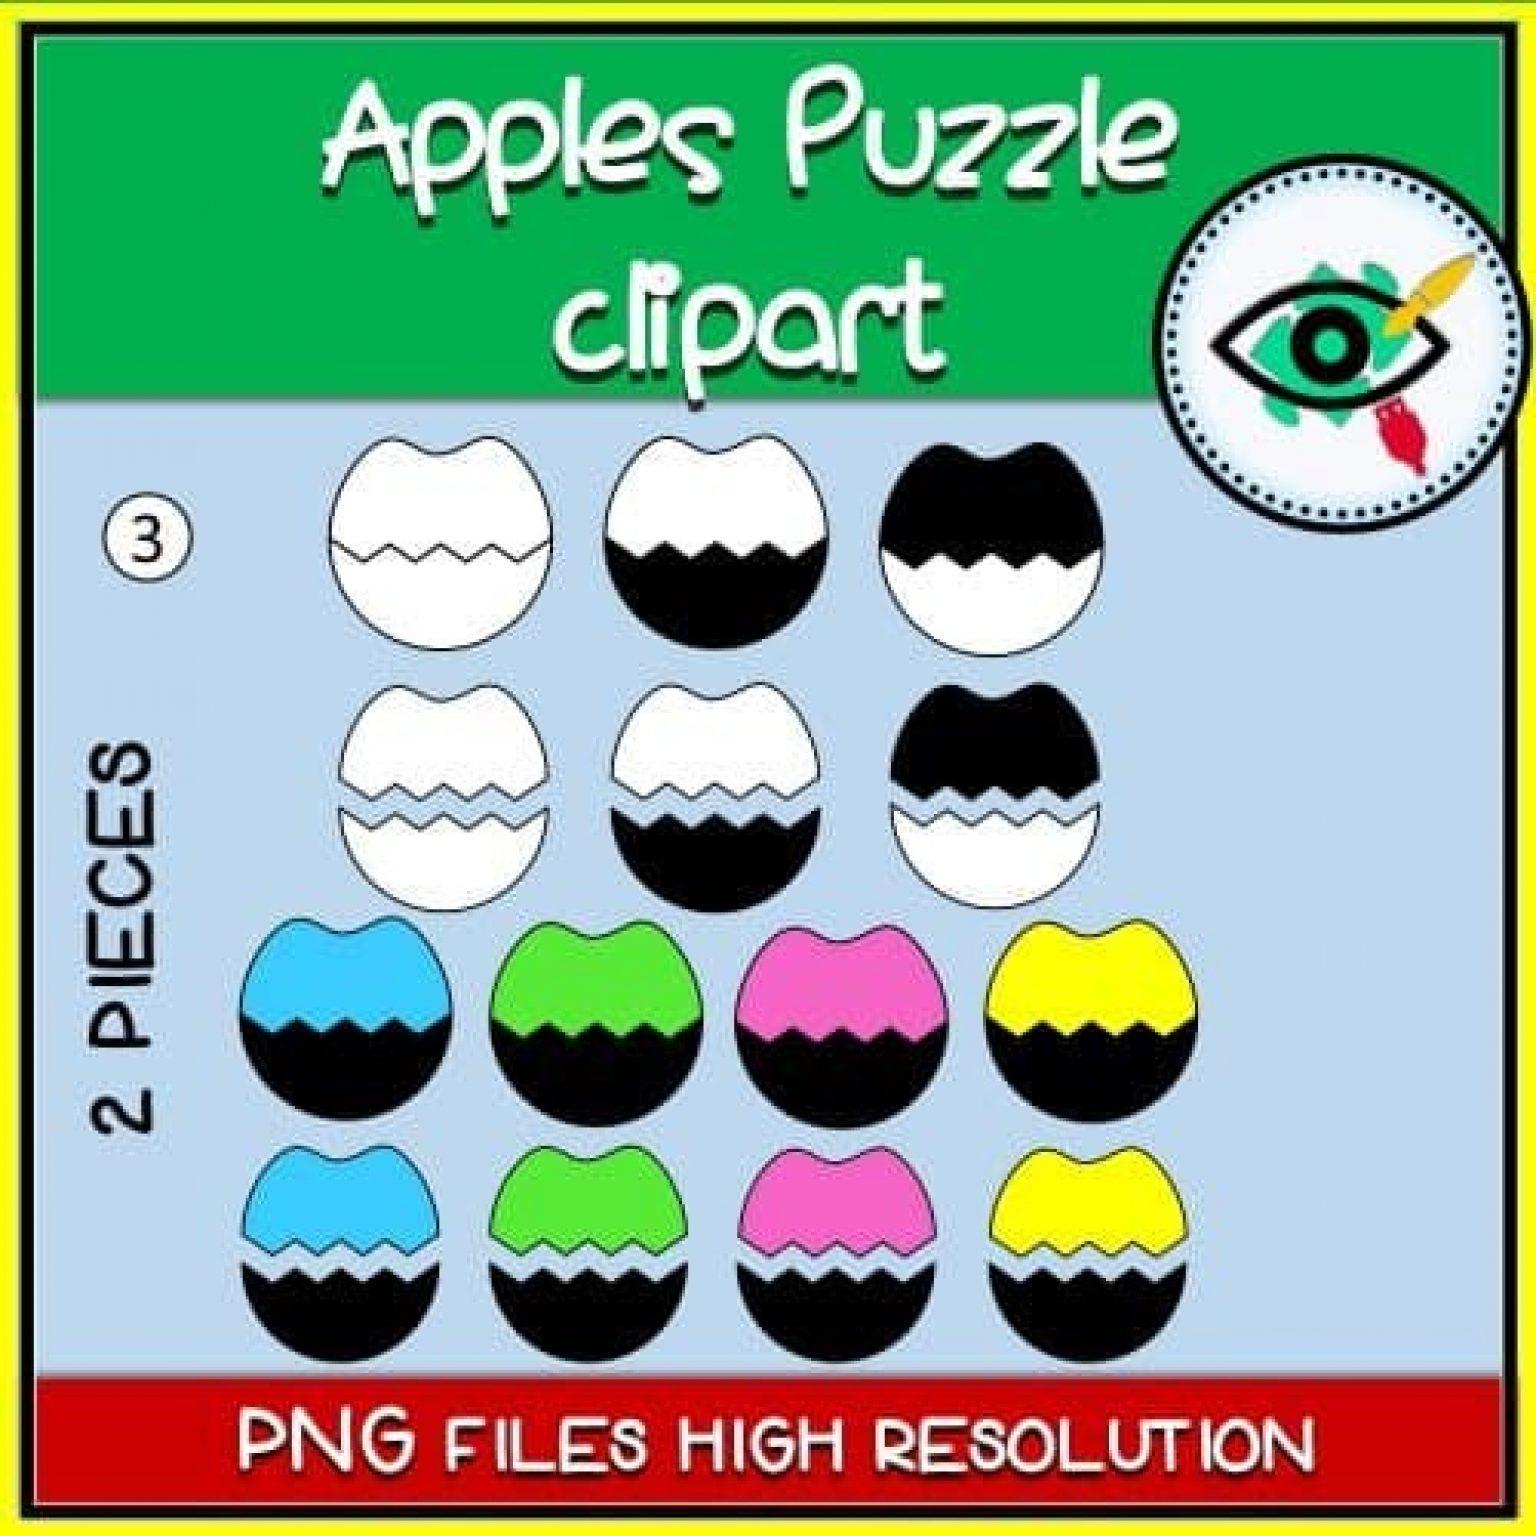 clipart-apples-puzzle-title2